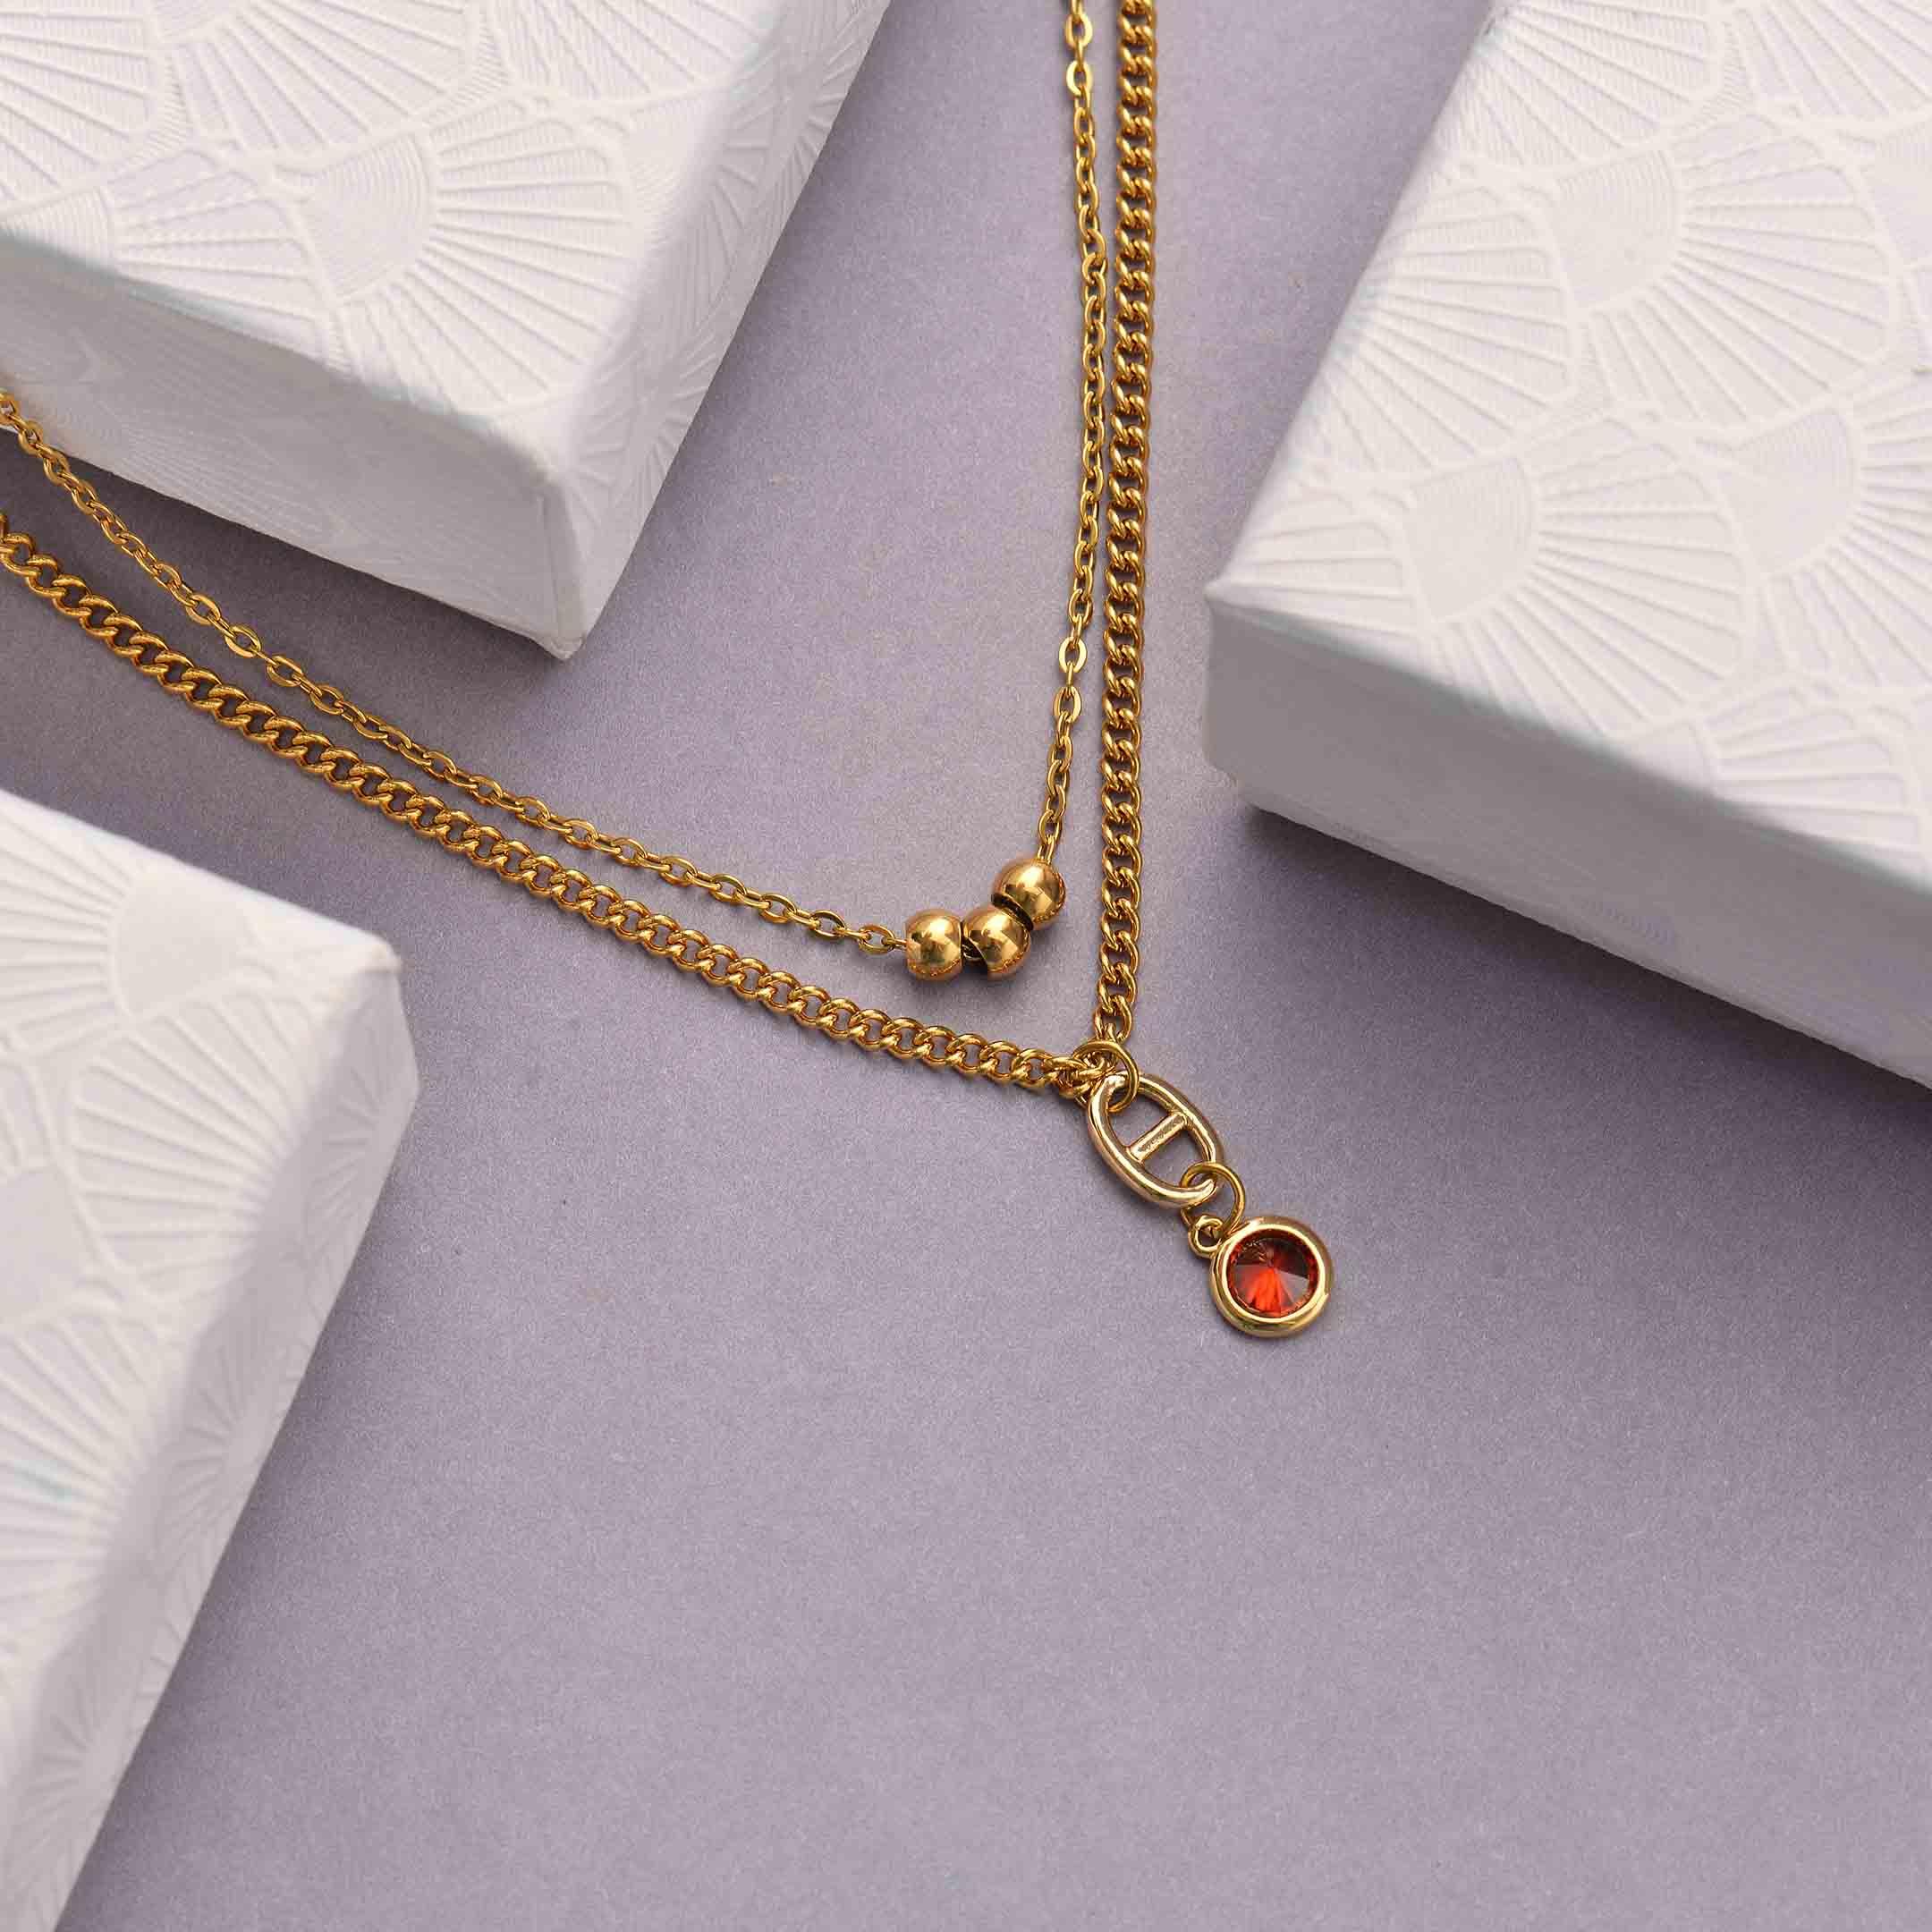 Collares de Acero Inoxidable para Mujer al por Mayor -SSNEG142-33804